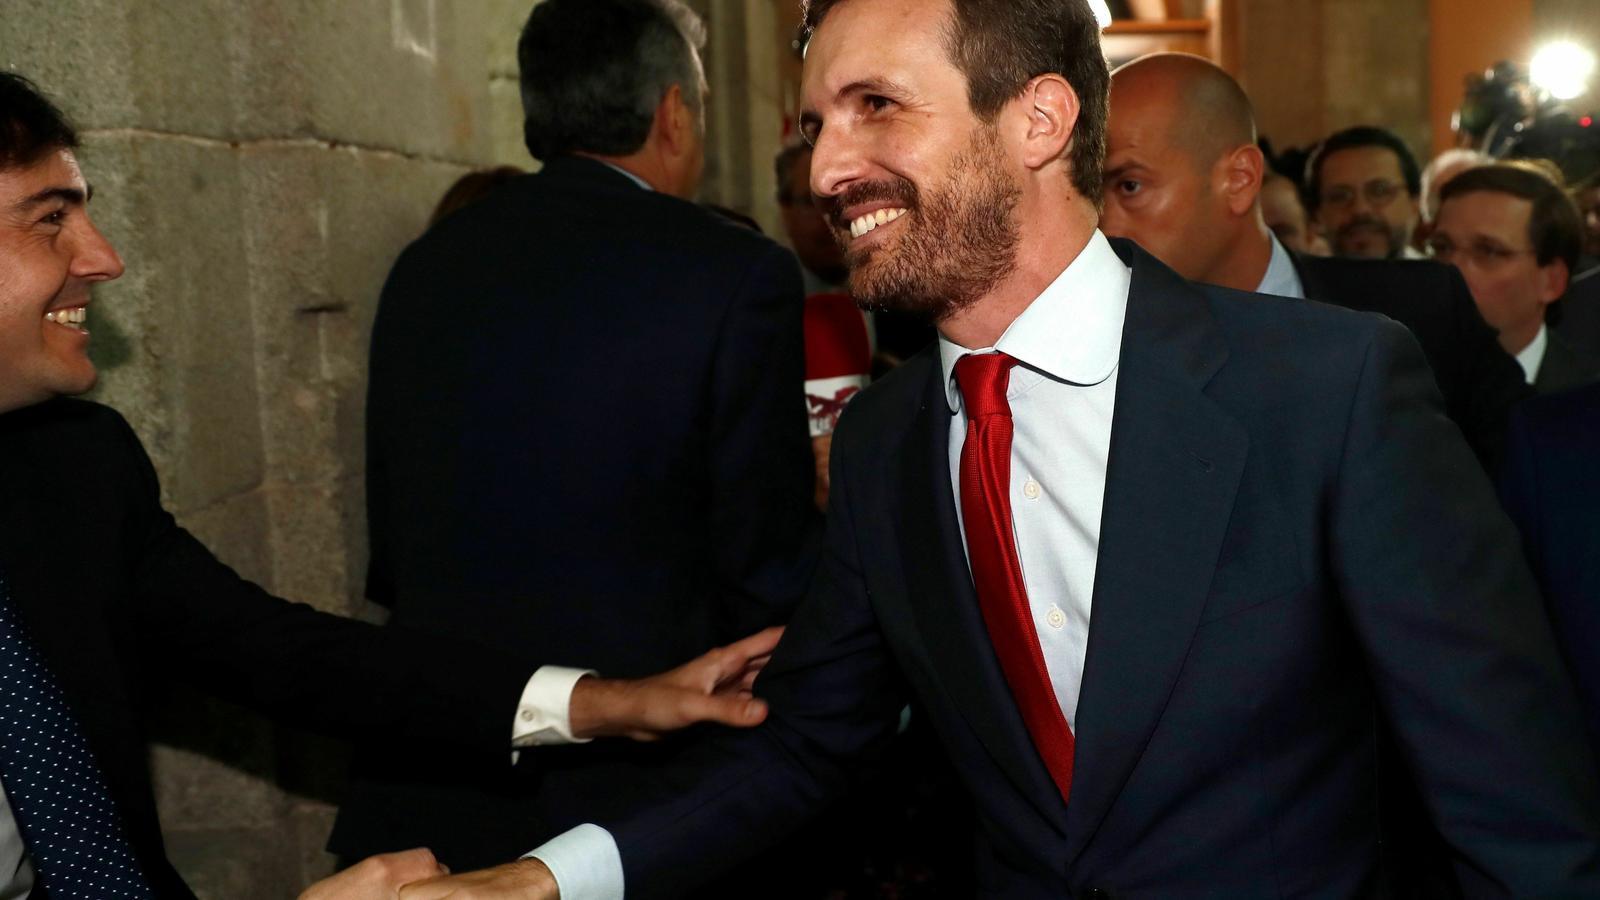 El líder del PP, Pablo Casado, durant l'acte de presa de possessió de la presidenta de la Comunitat de Madrid aquest dilluns.